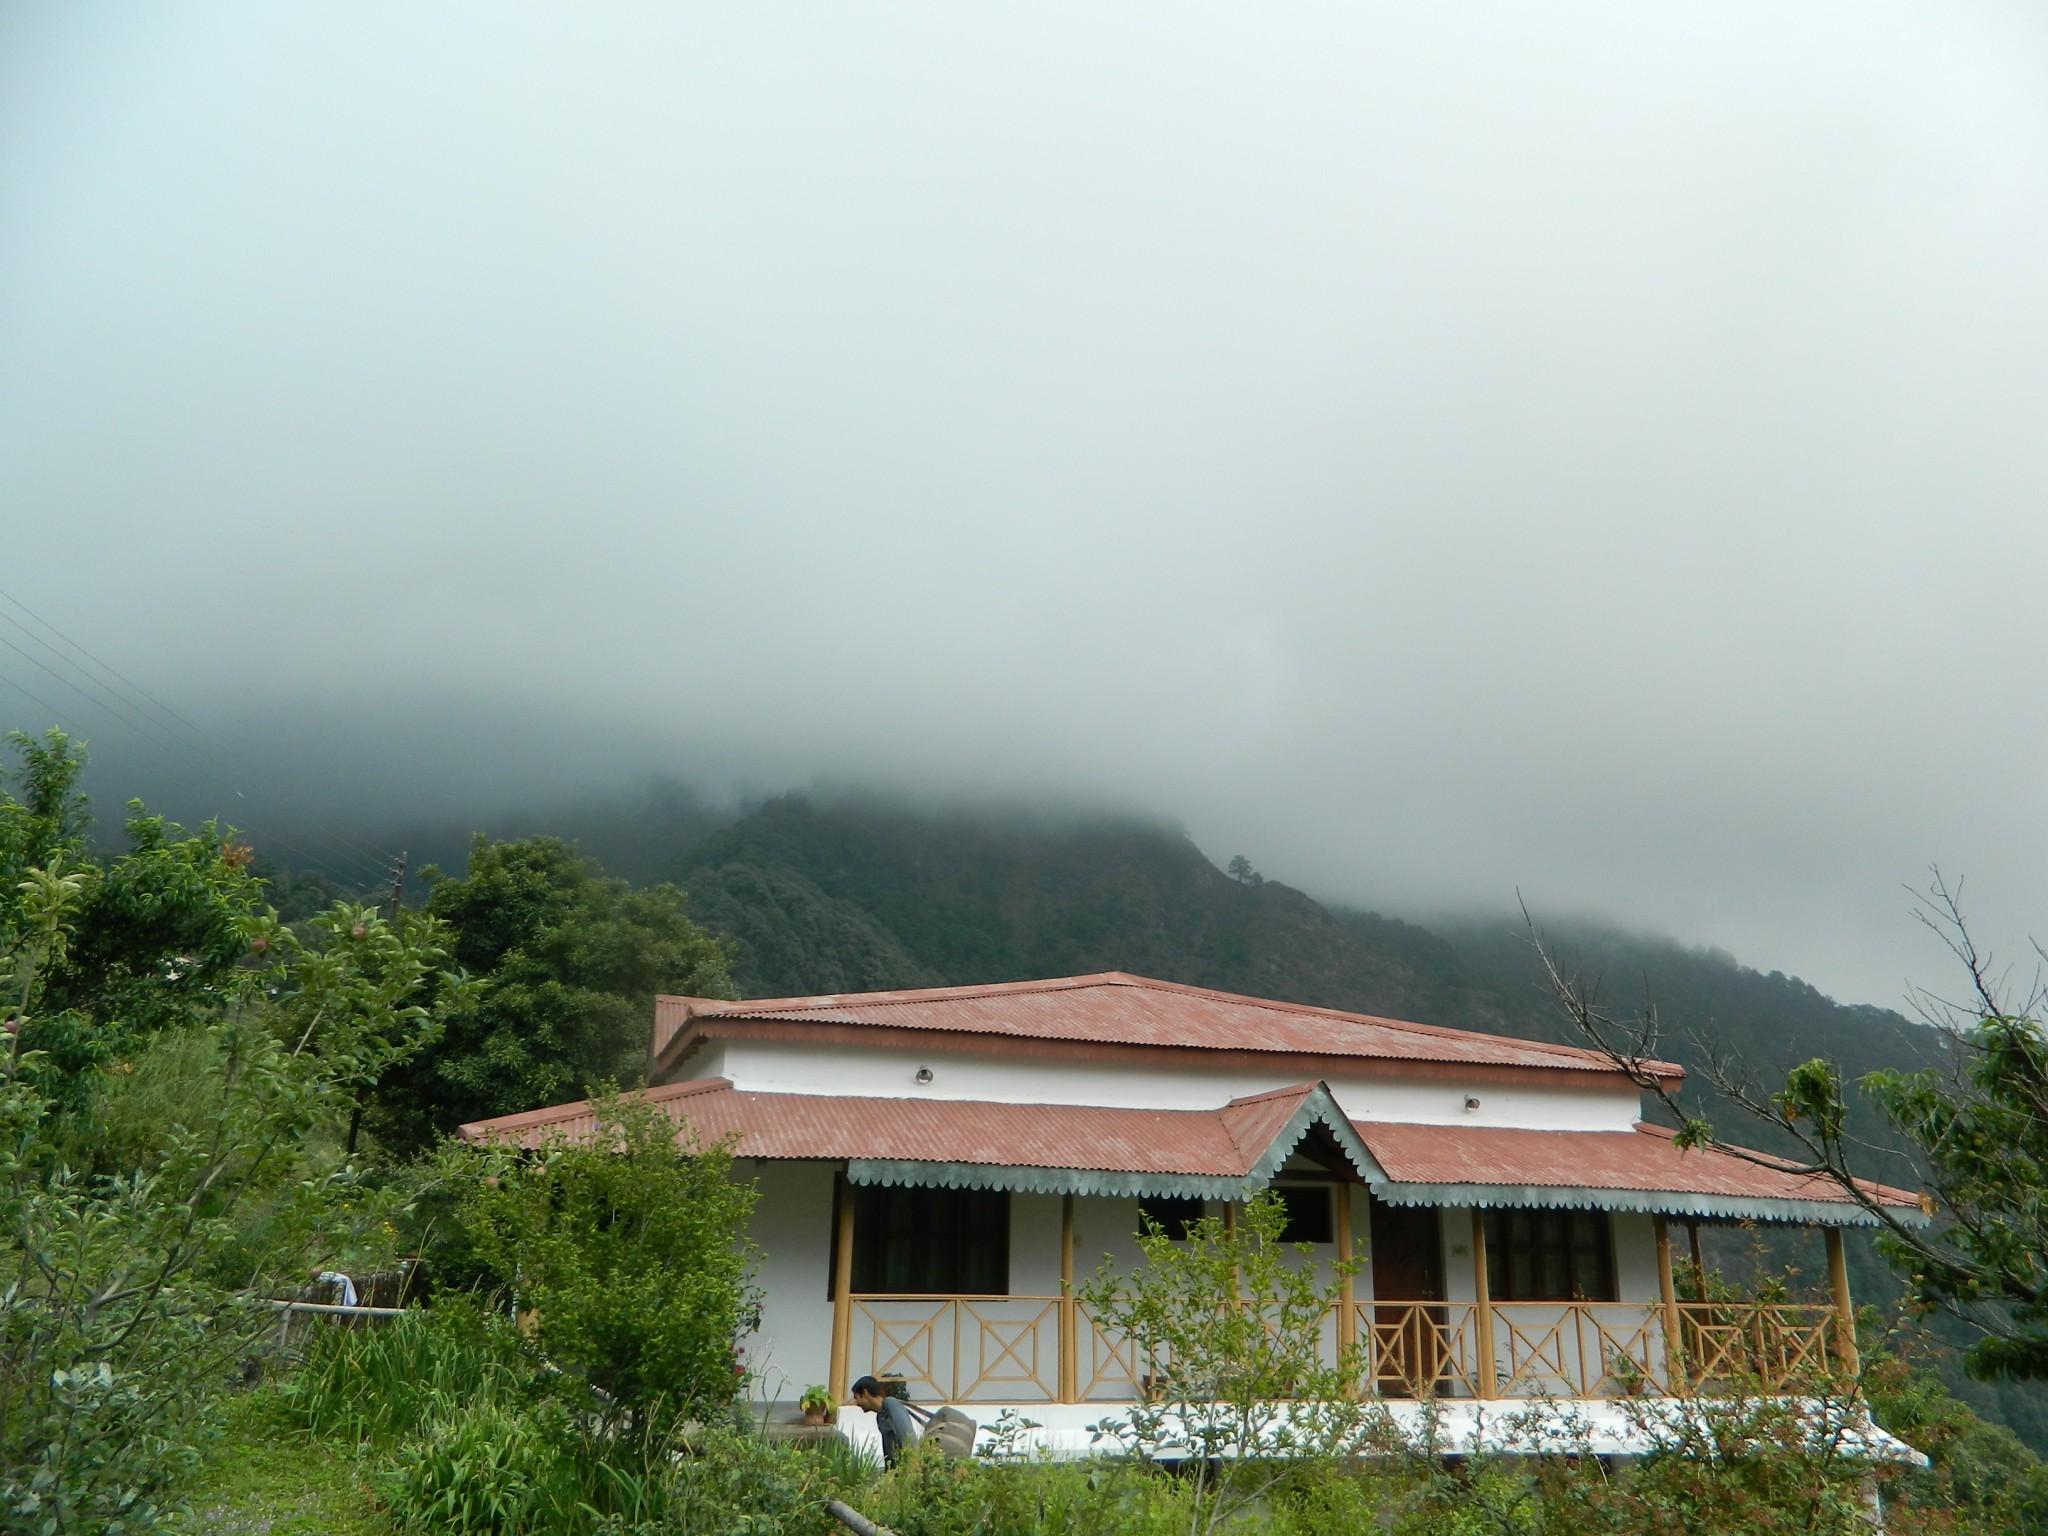 Kafal_house,_pangot,_DSCN5563